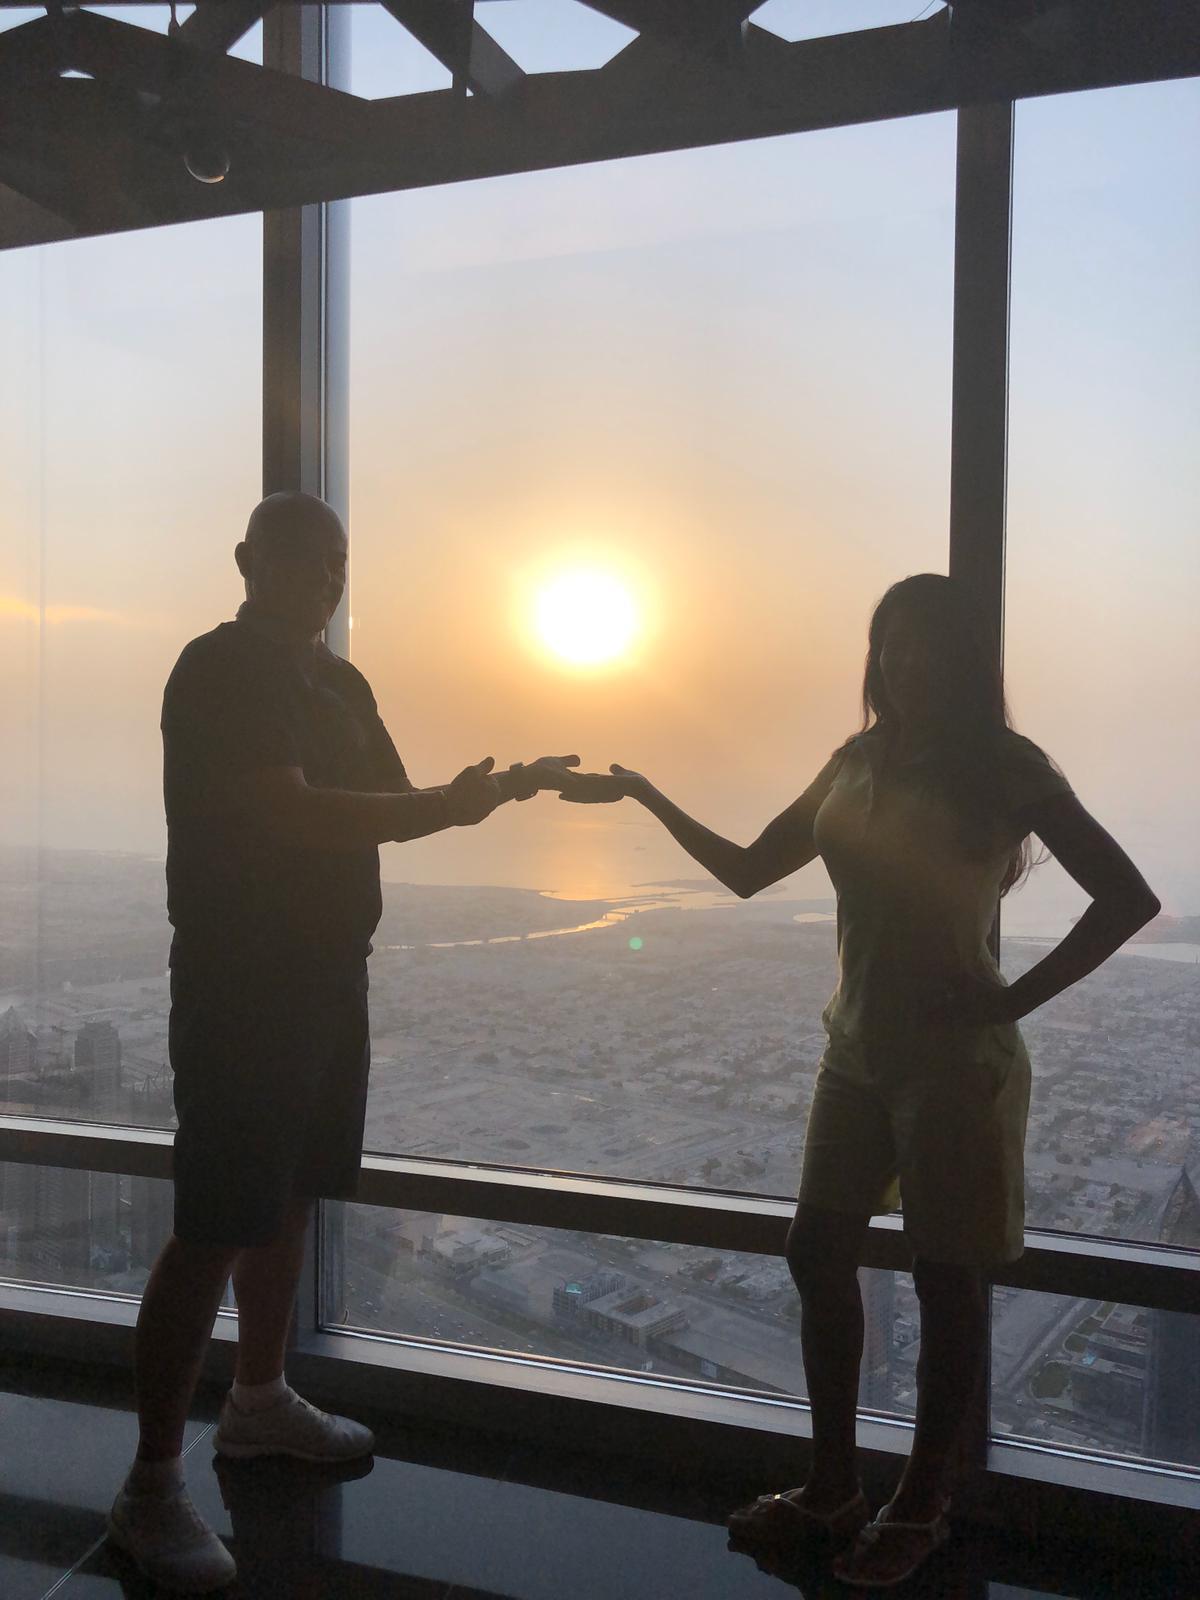 Marco e Maritza a Dubai dal 24 al 29 settembre 2019. #ConcorsoFotograficoViaggiCarmen2019